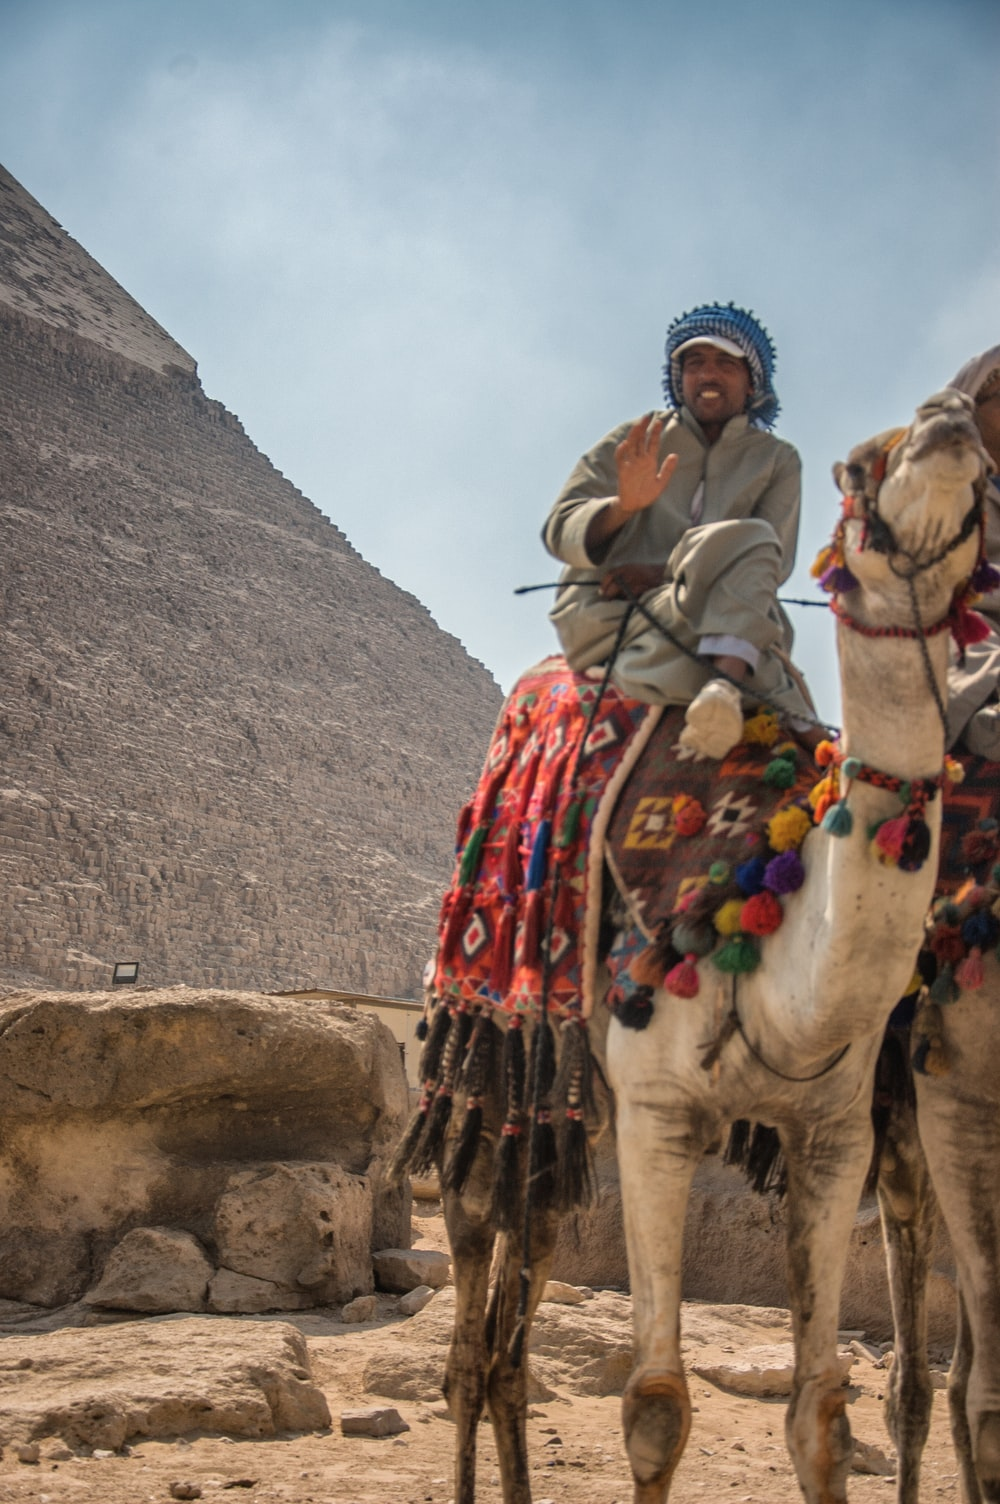 man riding camel on mountain during daytime